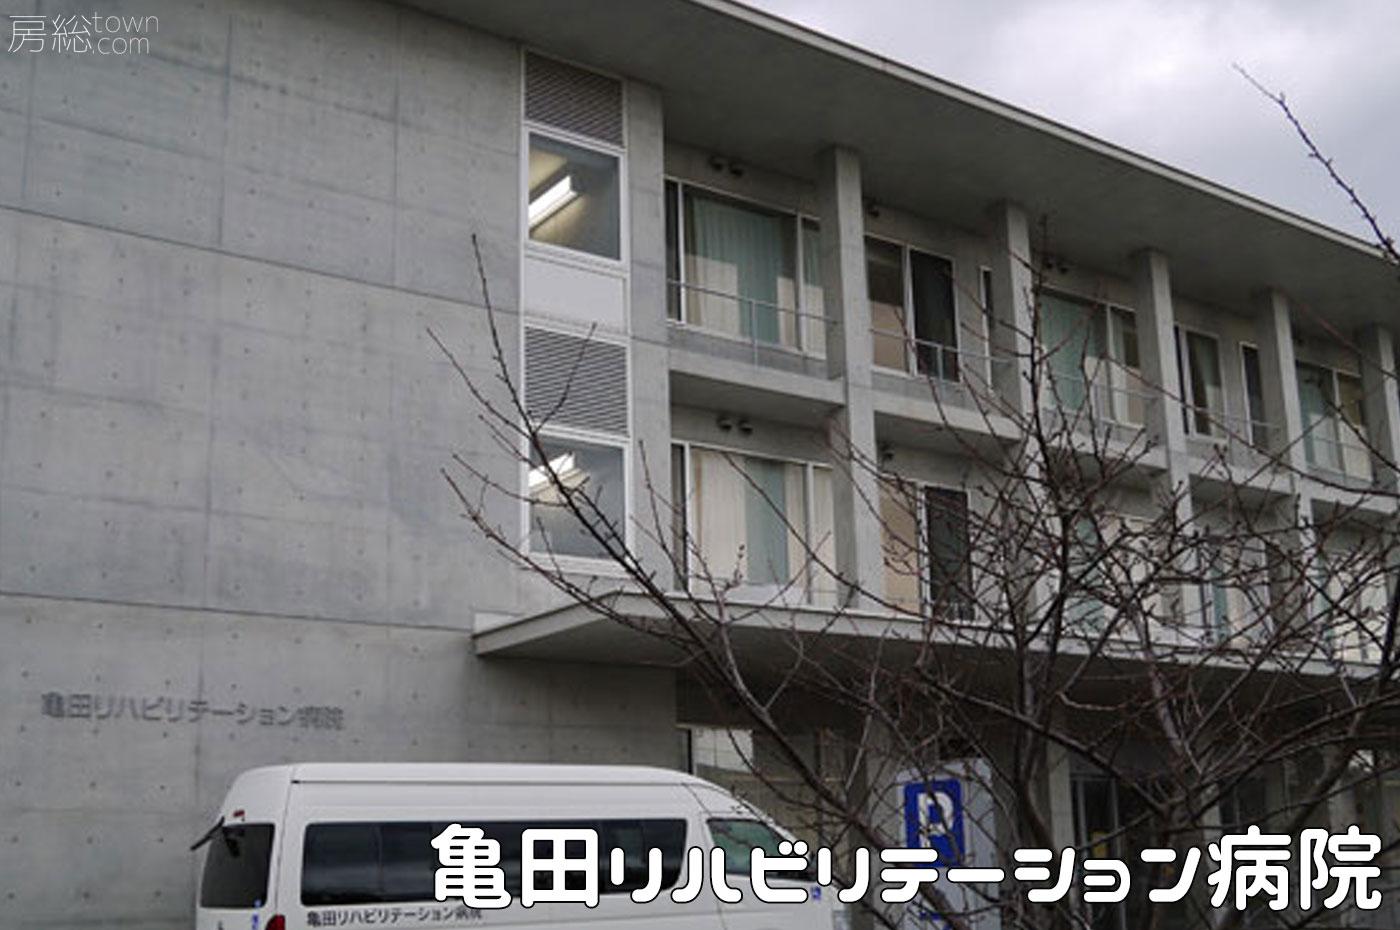 亀田リハビリテーション病院の外観